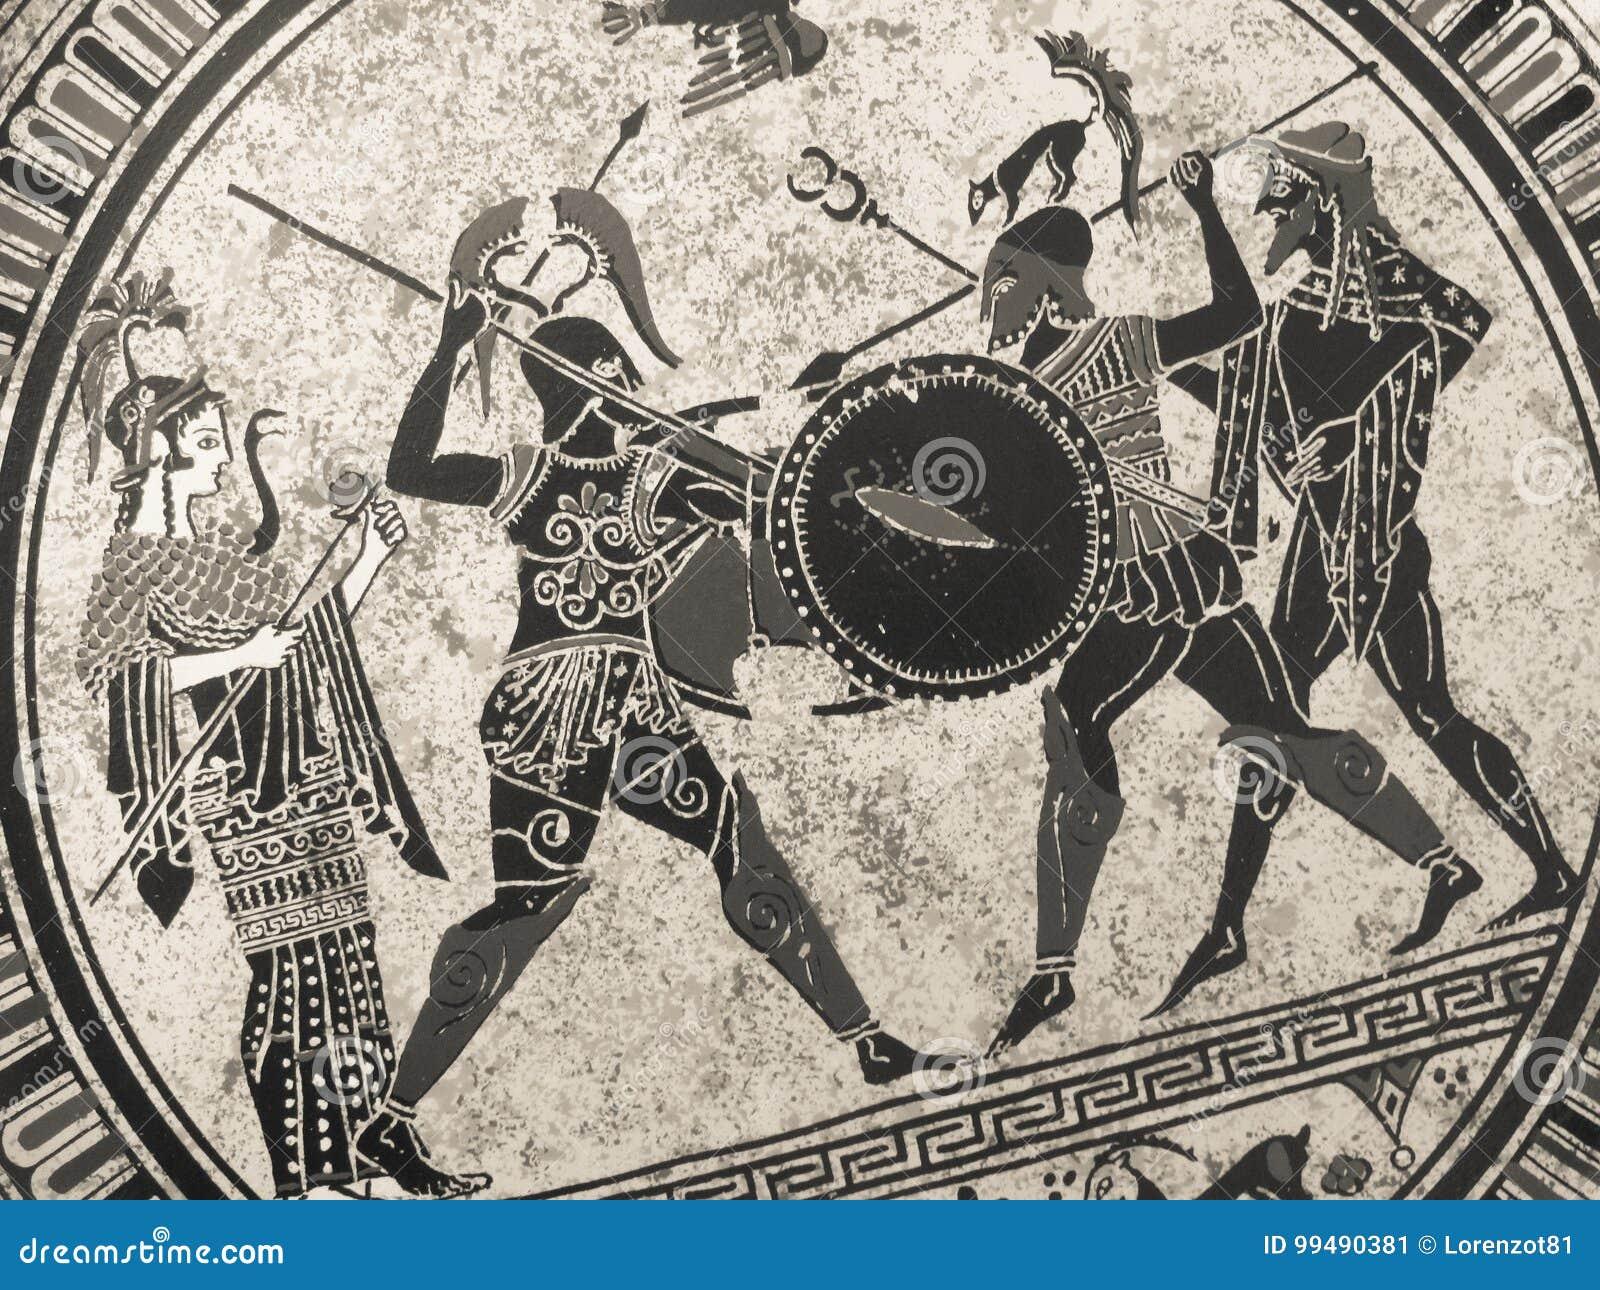 VENEZA, ITÁLIA - 2 DE JULHO DE 2017: Detalhe de uma pintura grega histórica velha sobre um prato Heróis míticos e deuses que luta